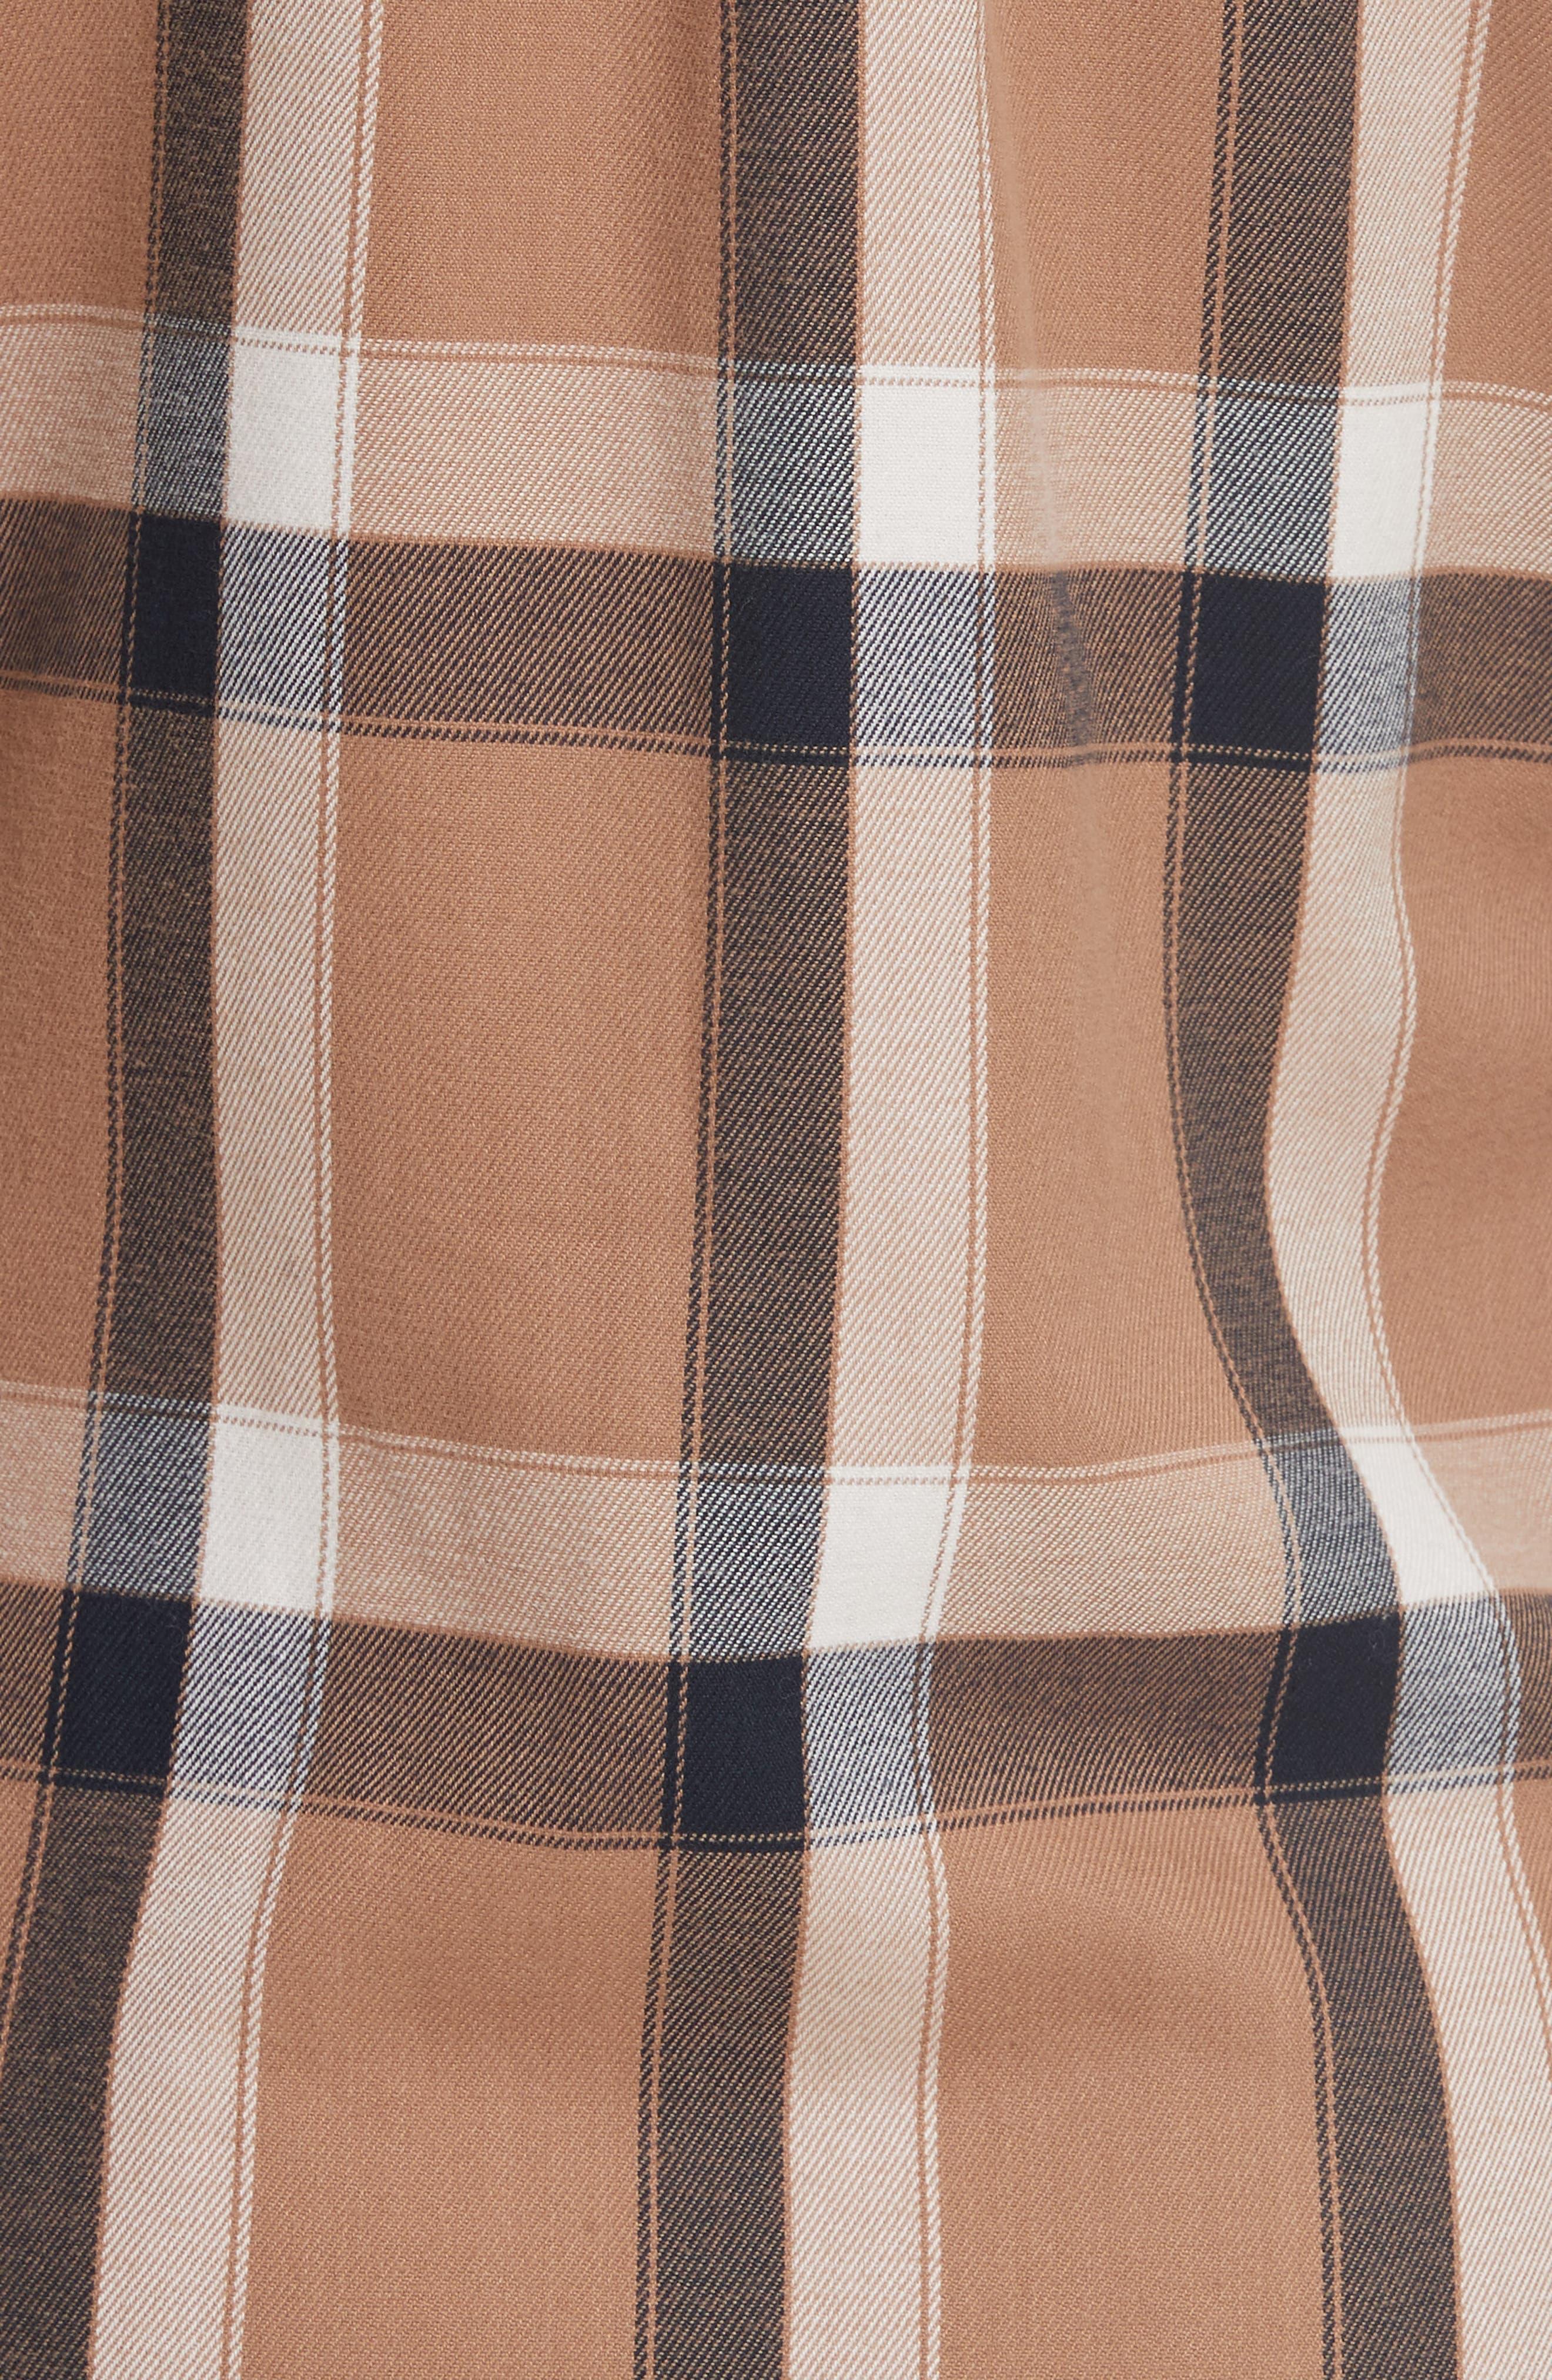 Plaid Tie Waist Dress,                             Alternate thumbnail 5, color,                             Camel